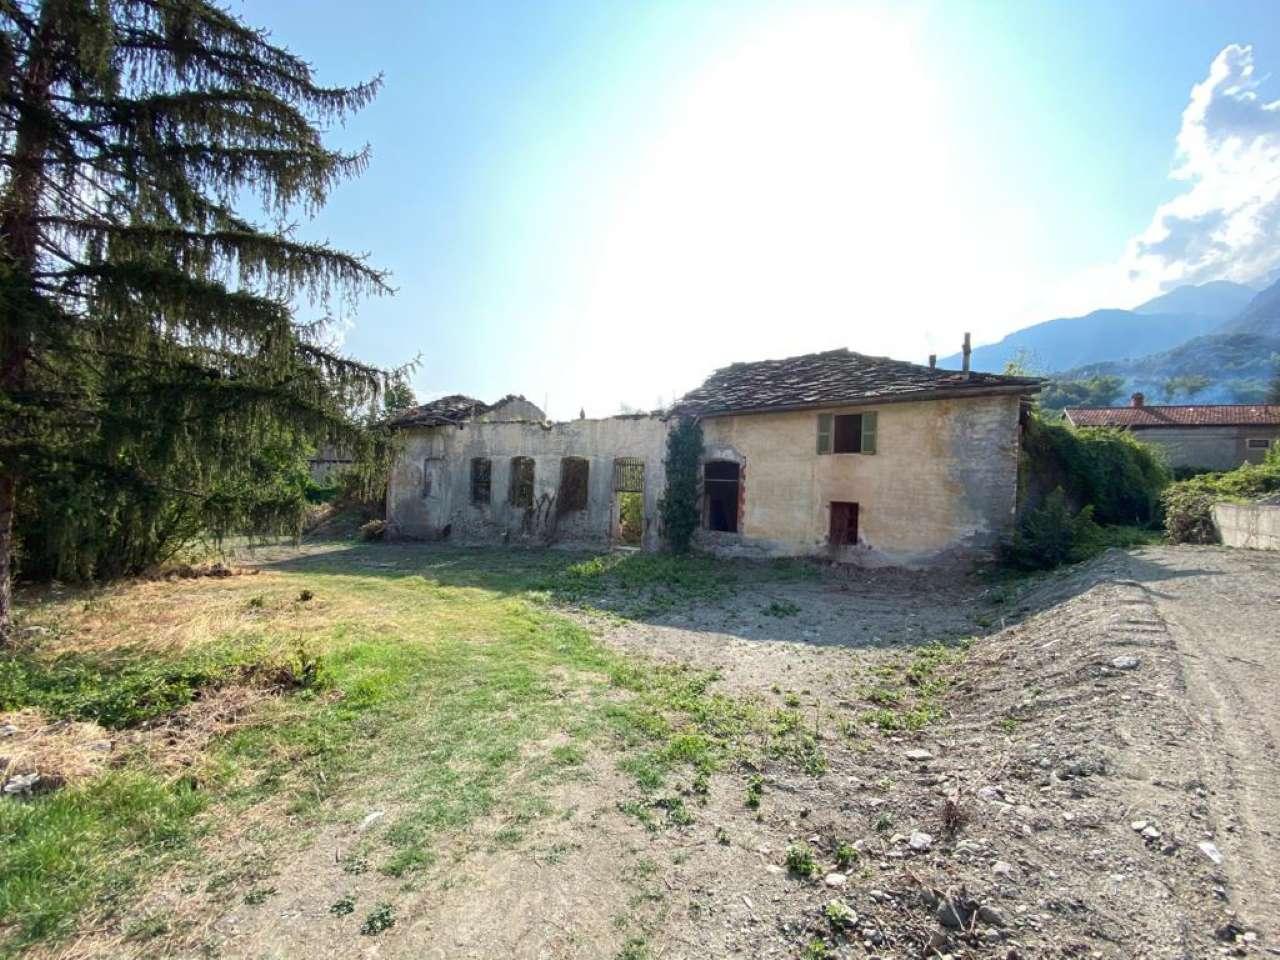 Rustico / Casale in vendita a Susa, 22 locali, prezzo € 98.000 | PortaleAgenzieImmobiliari.it